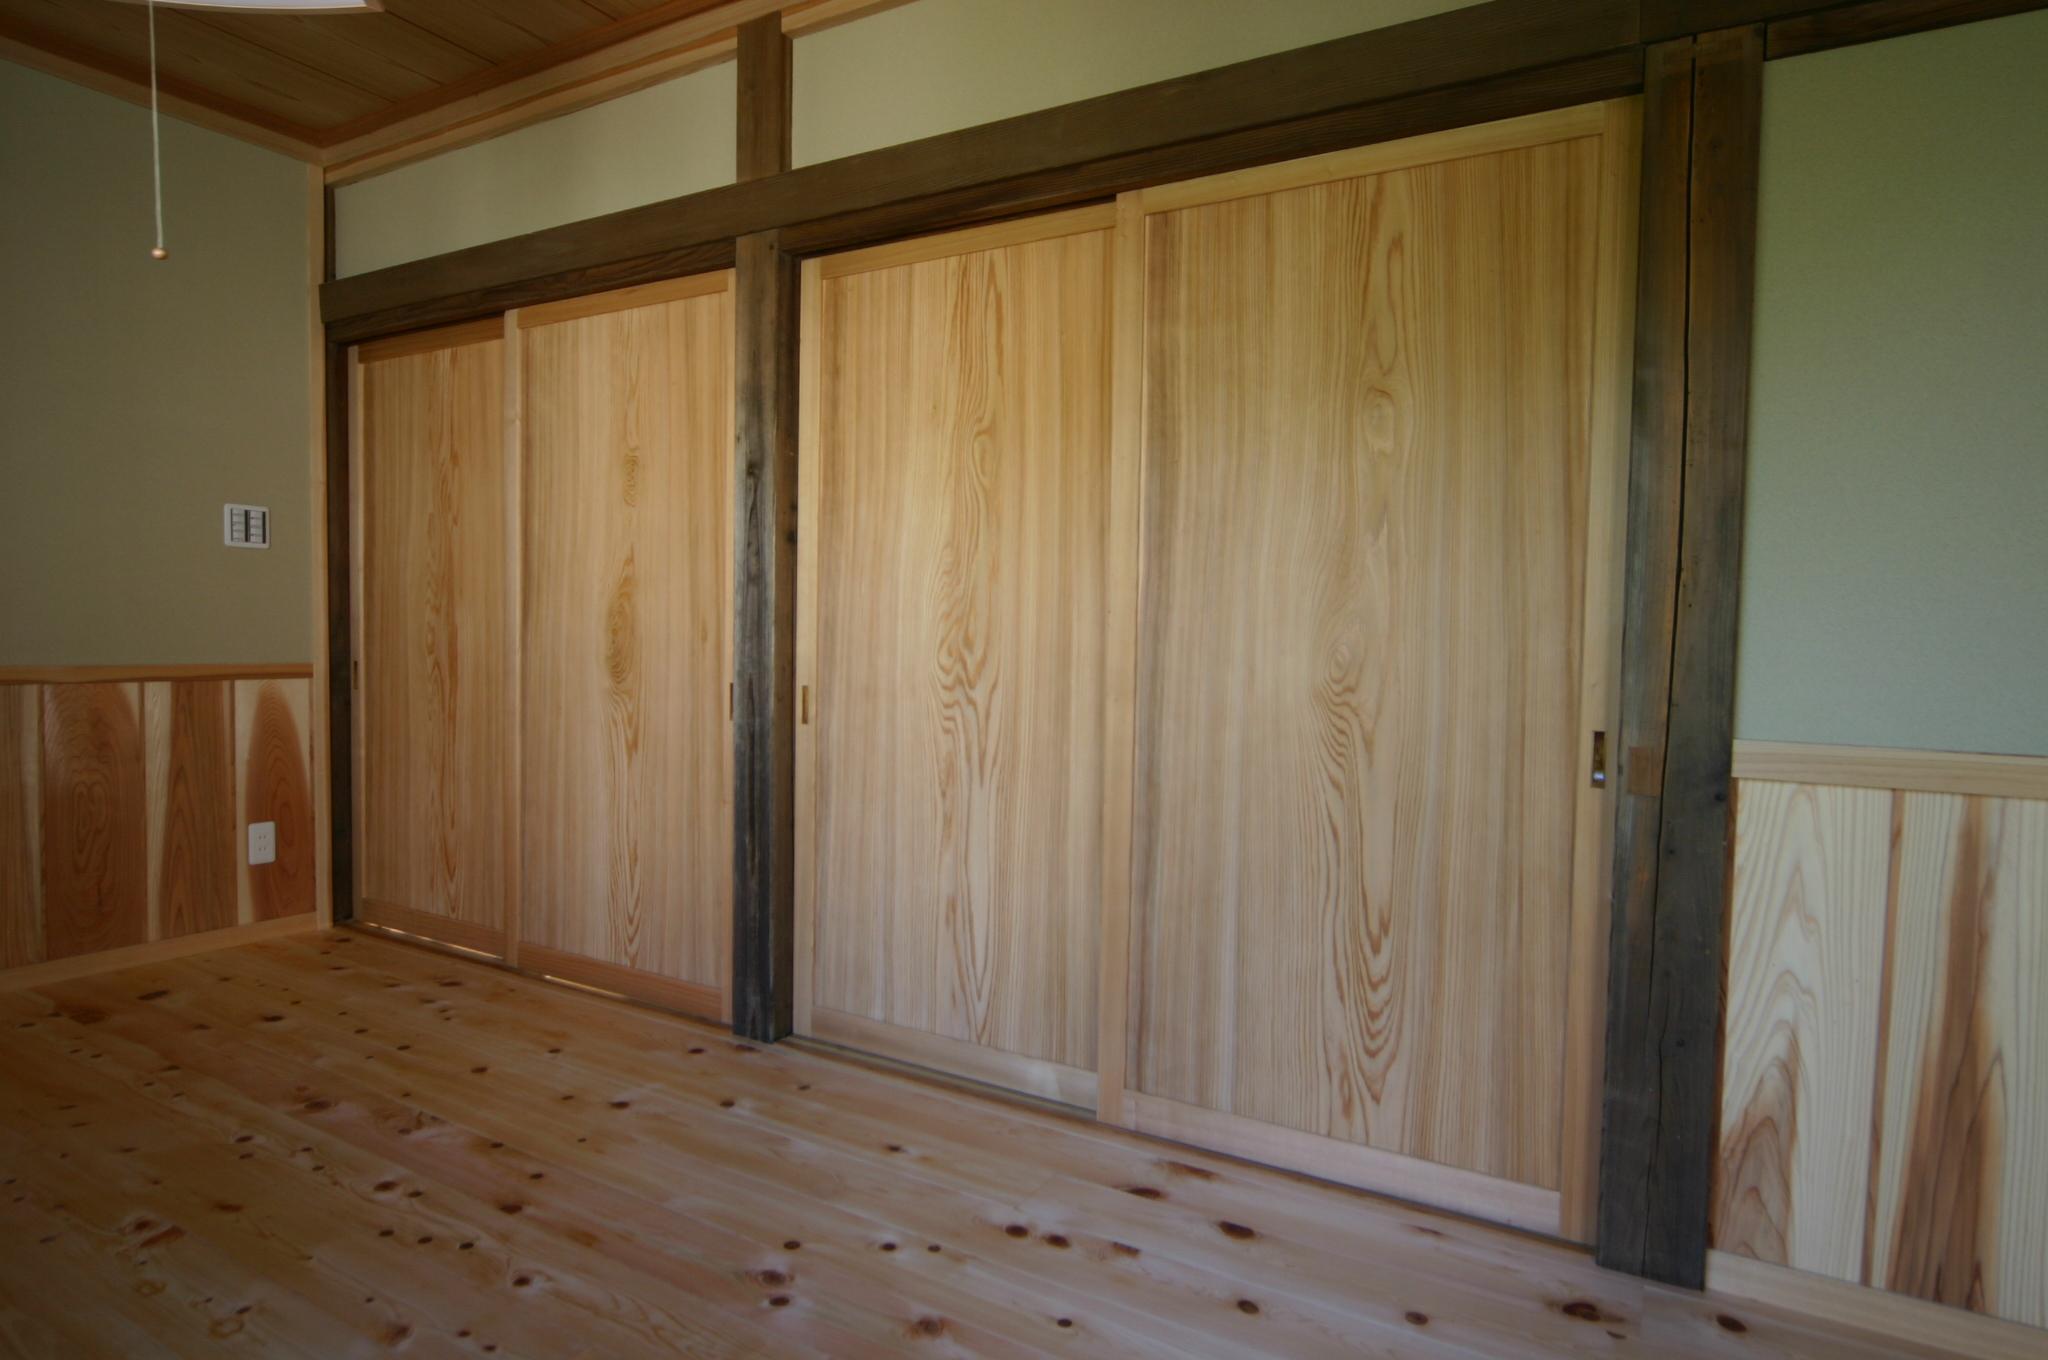 新規制作した帯戸は杉の共板で制作